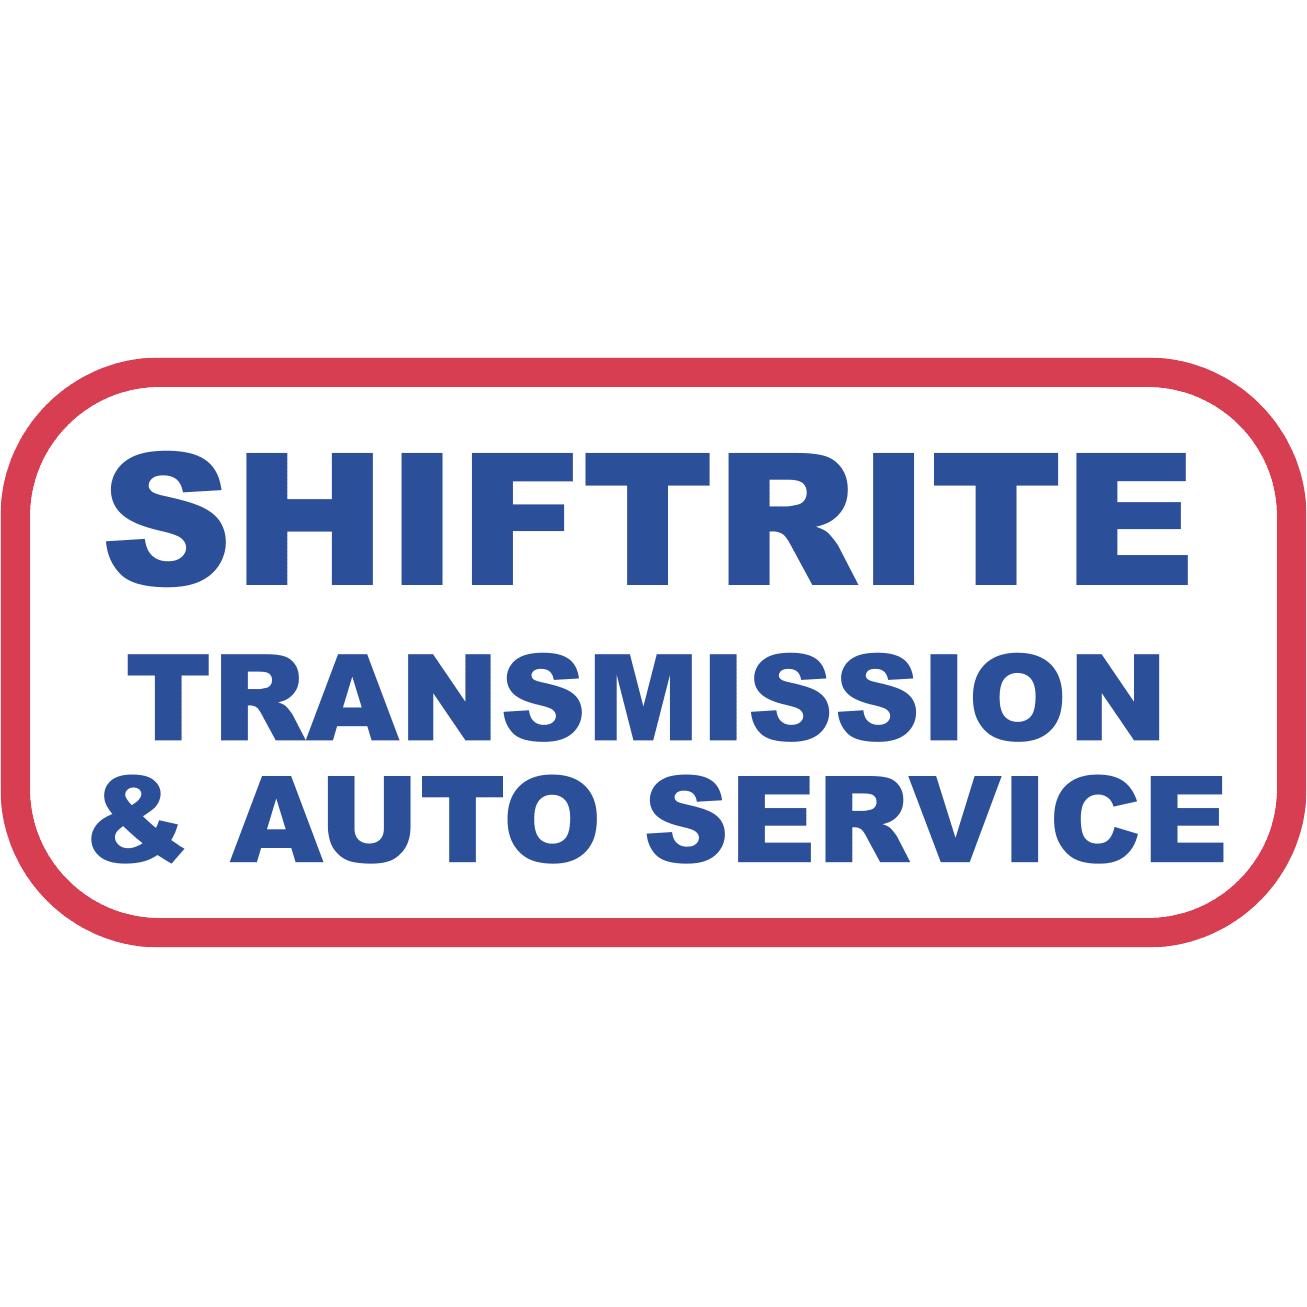 ShiftRite Transmission & Auto Service